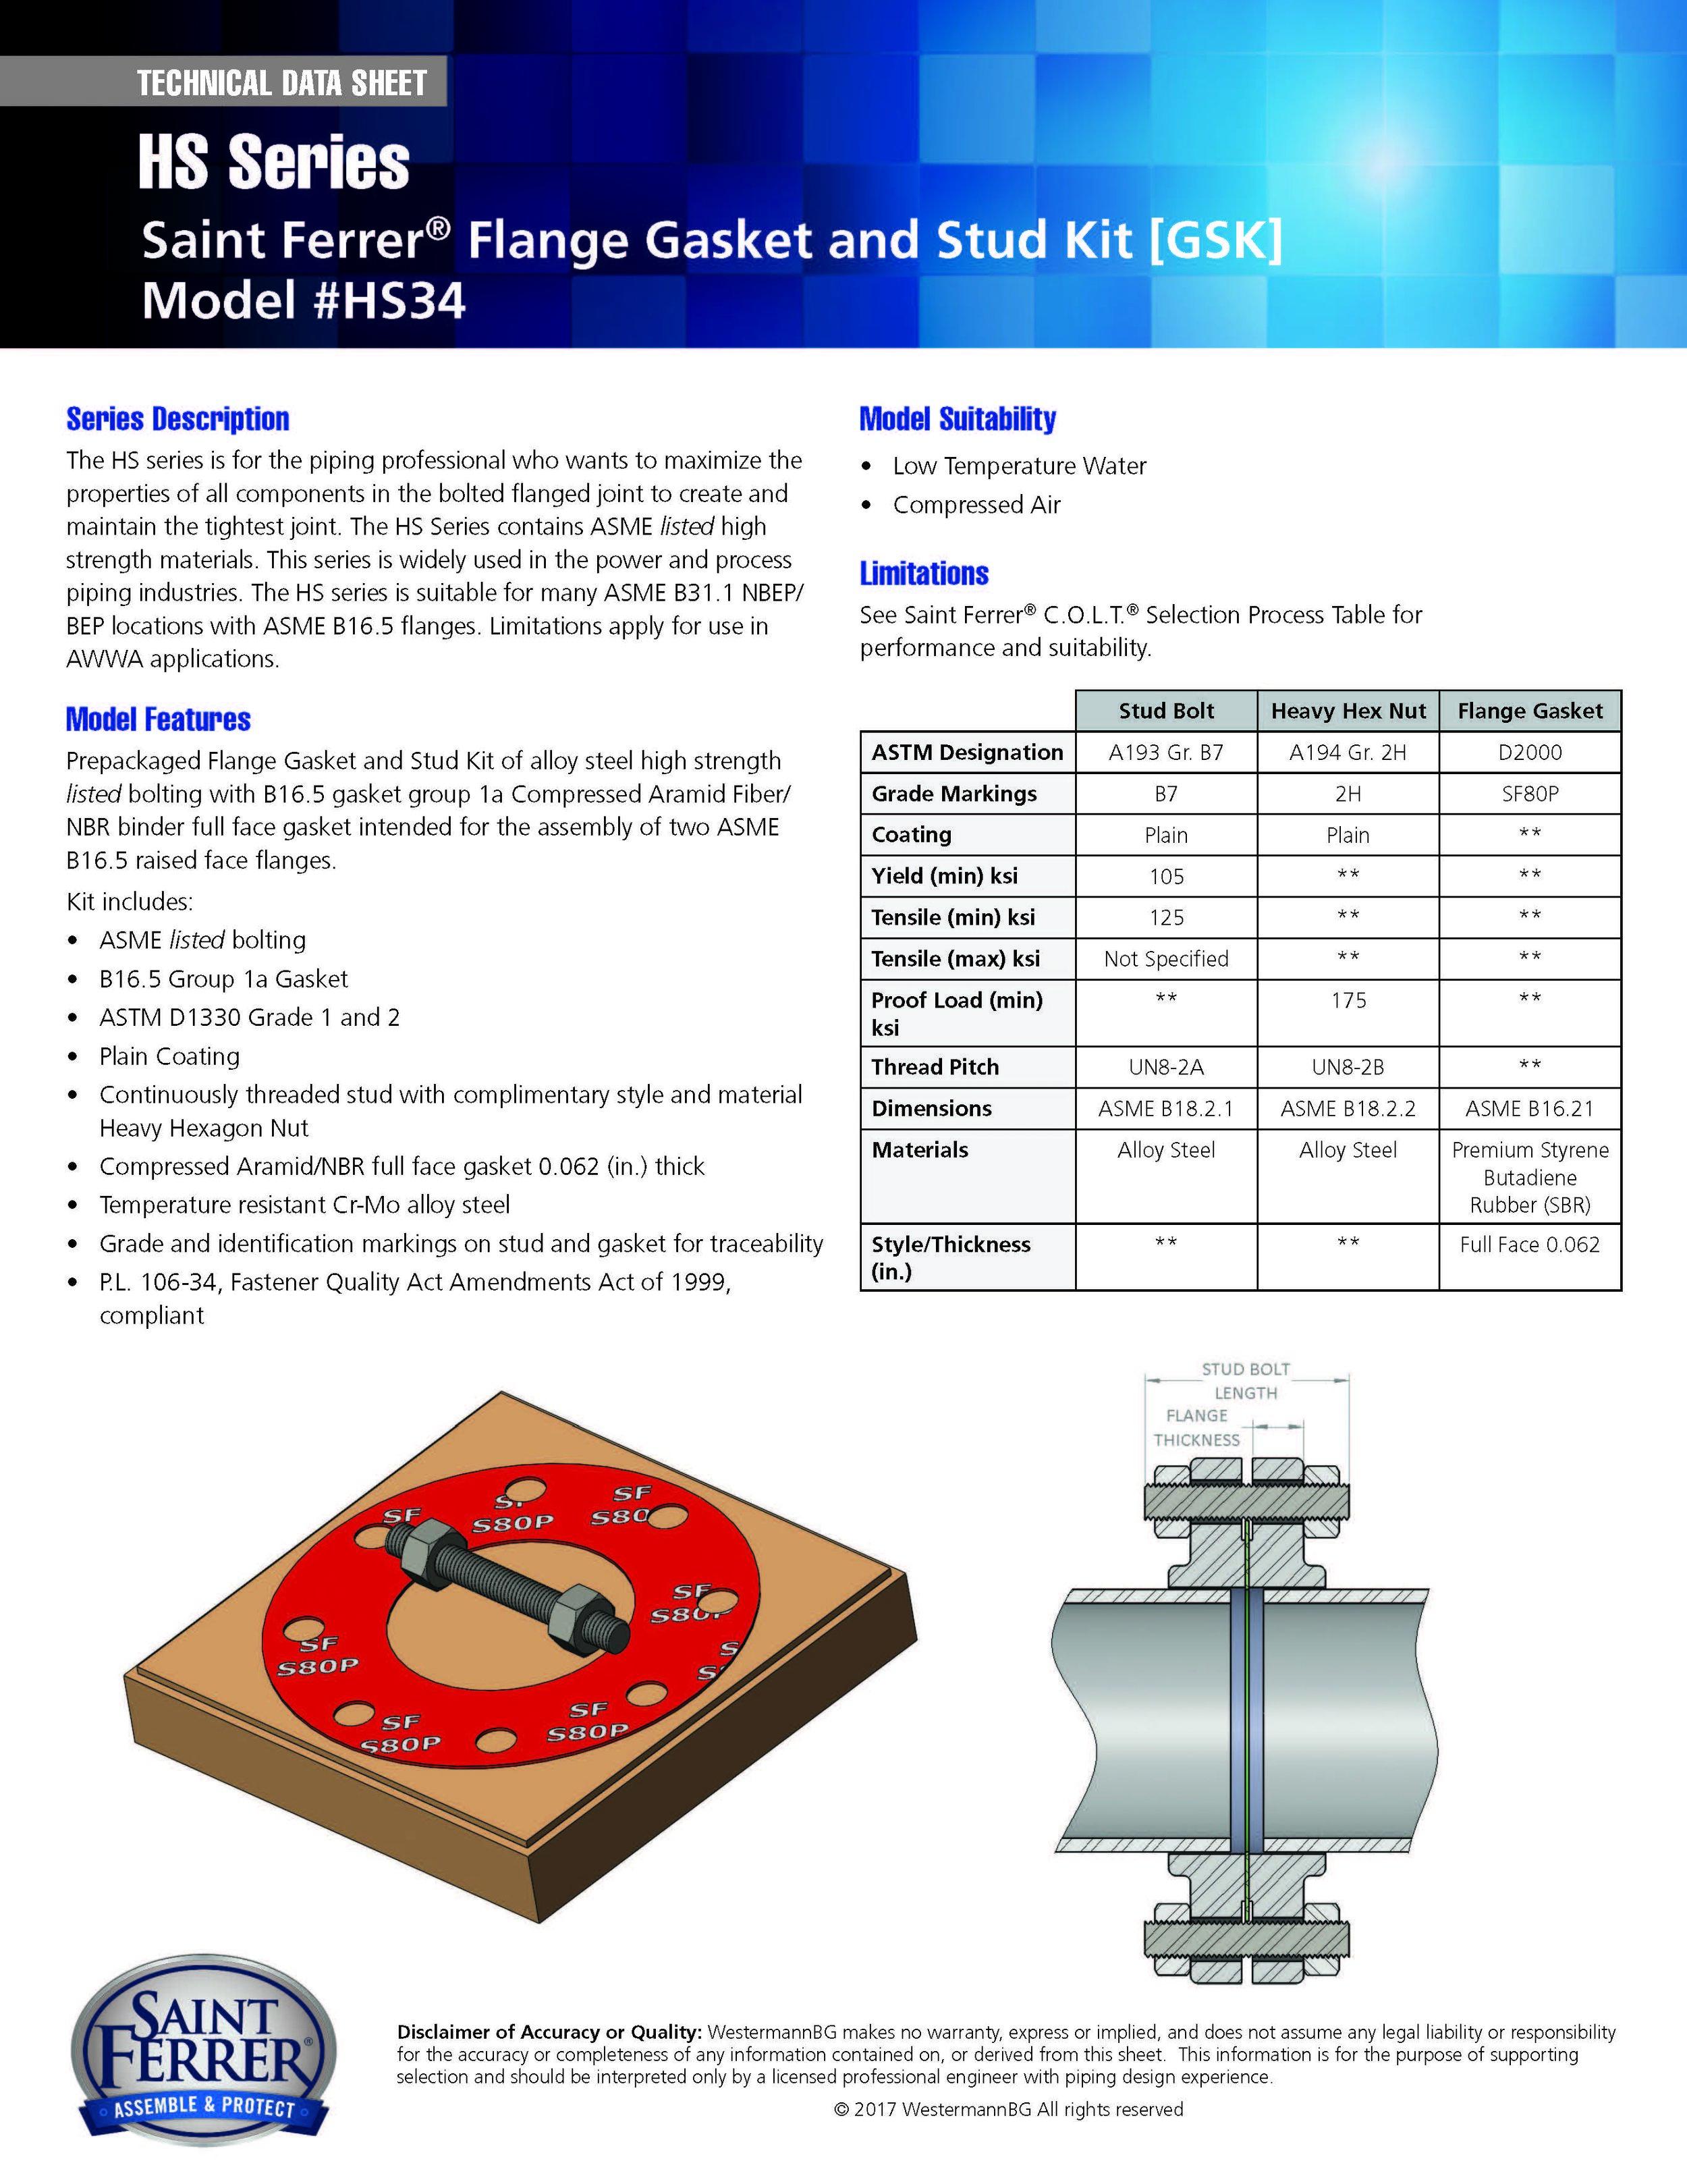 SF_Data_Sheet_HS_Series_HS34.jpg